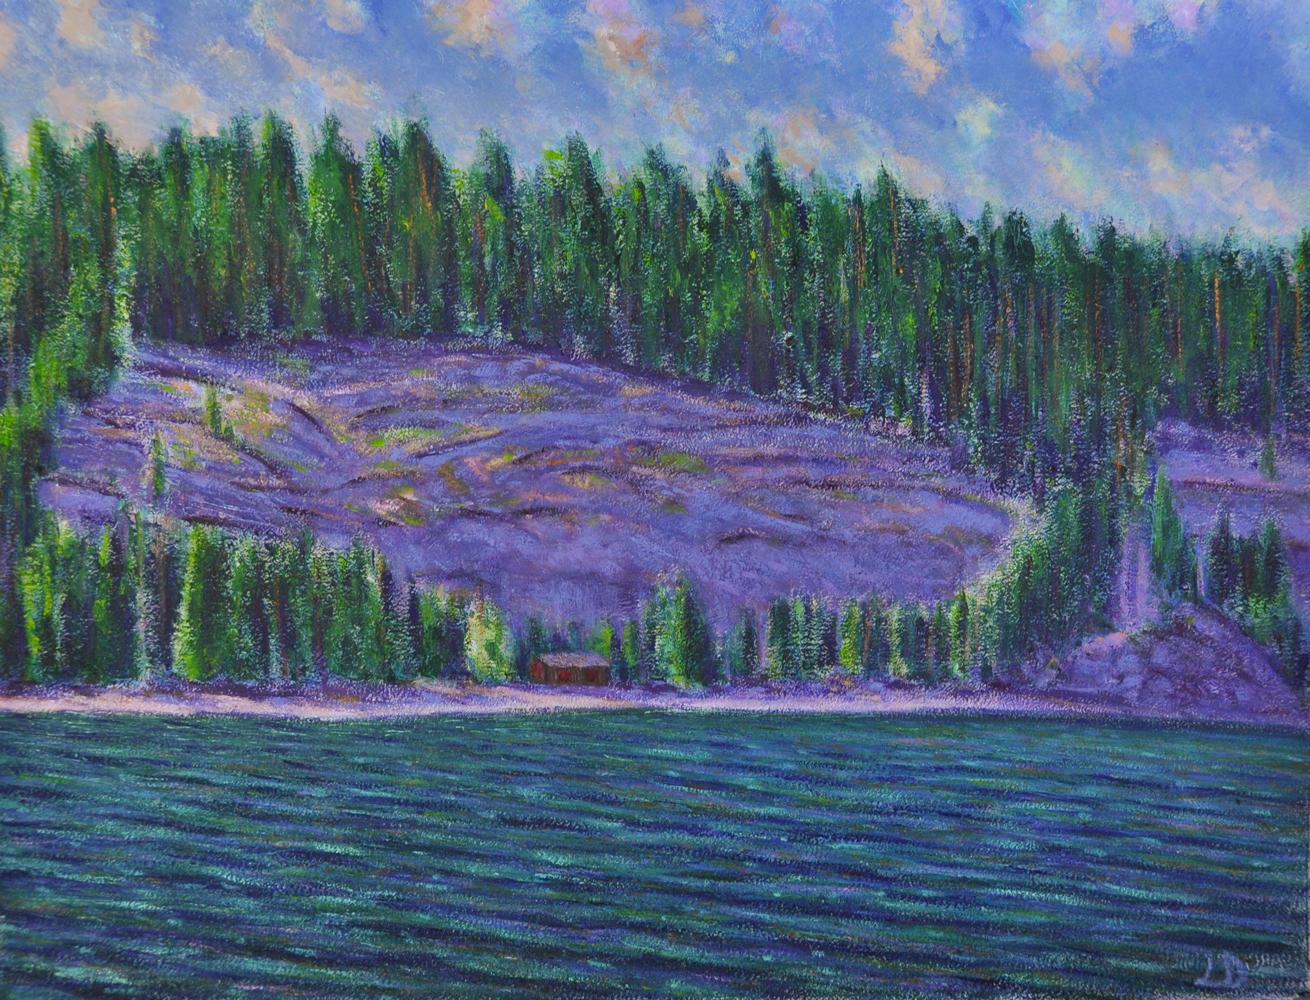 Lac de Joux, la cabane. Oil on paper, 56x76, 2017